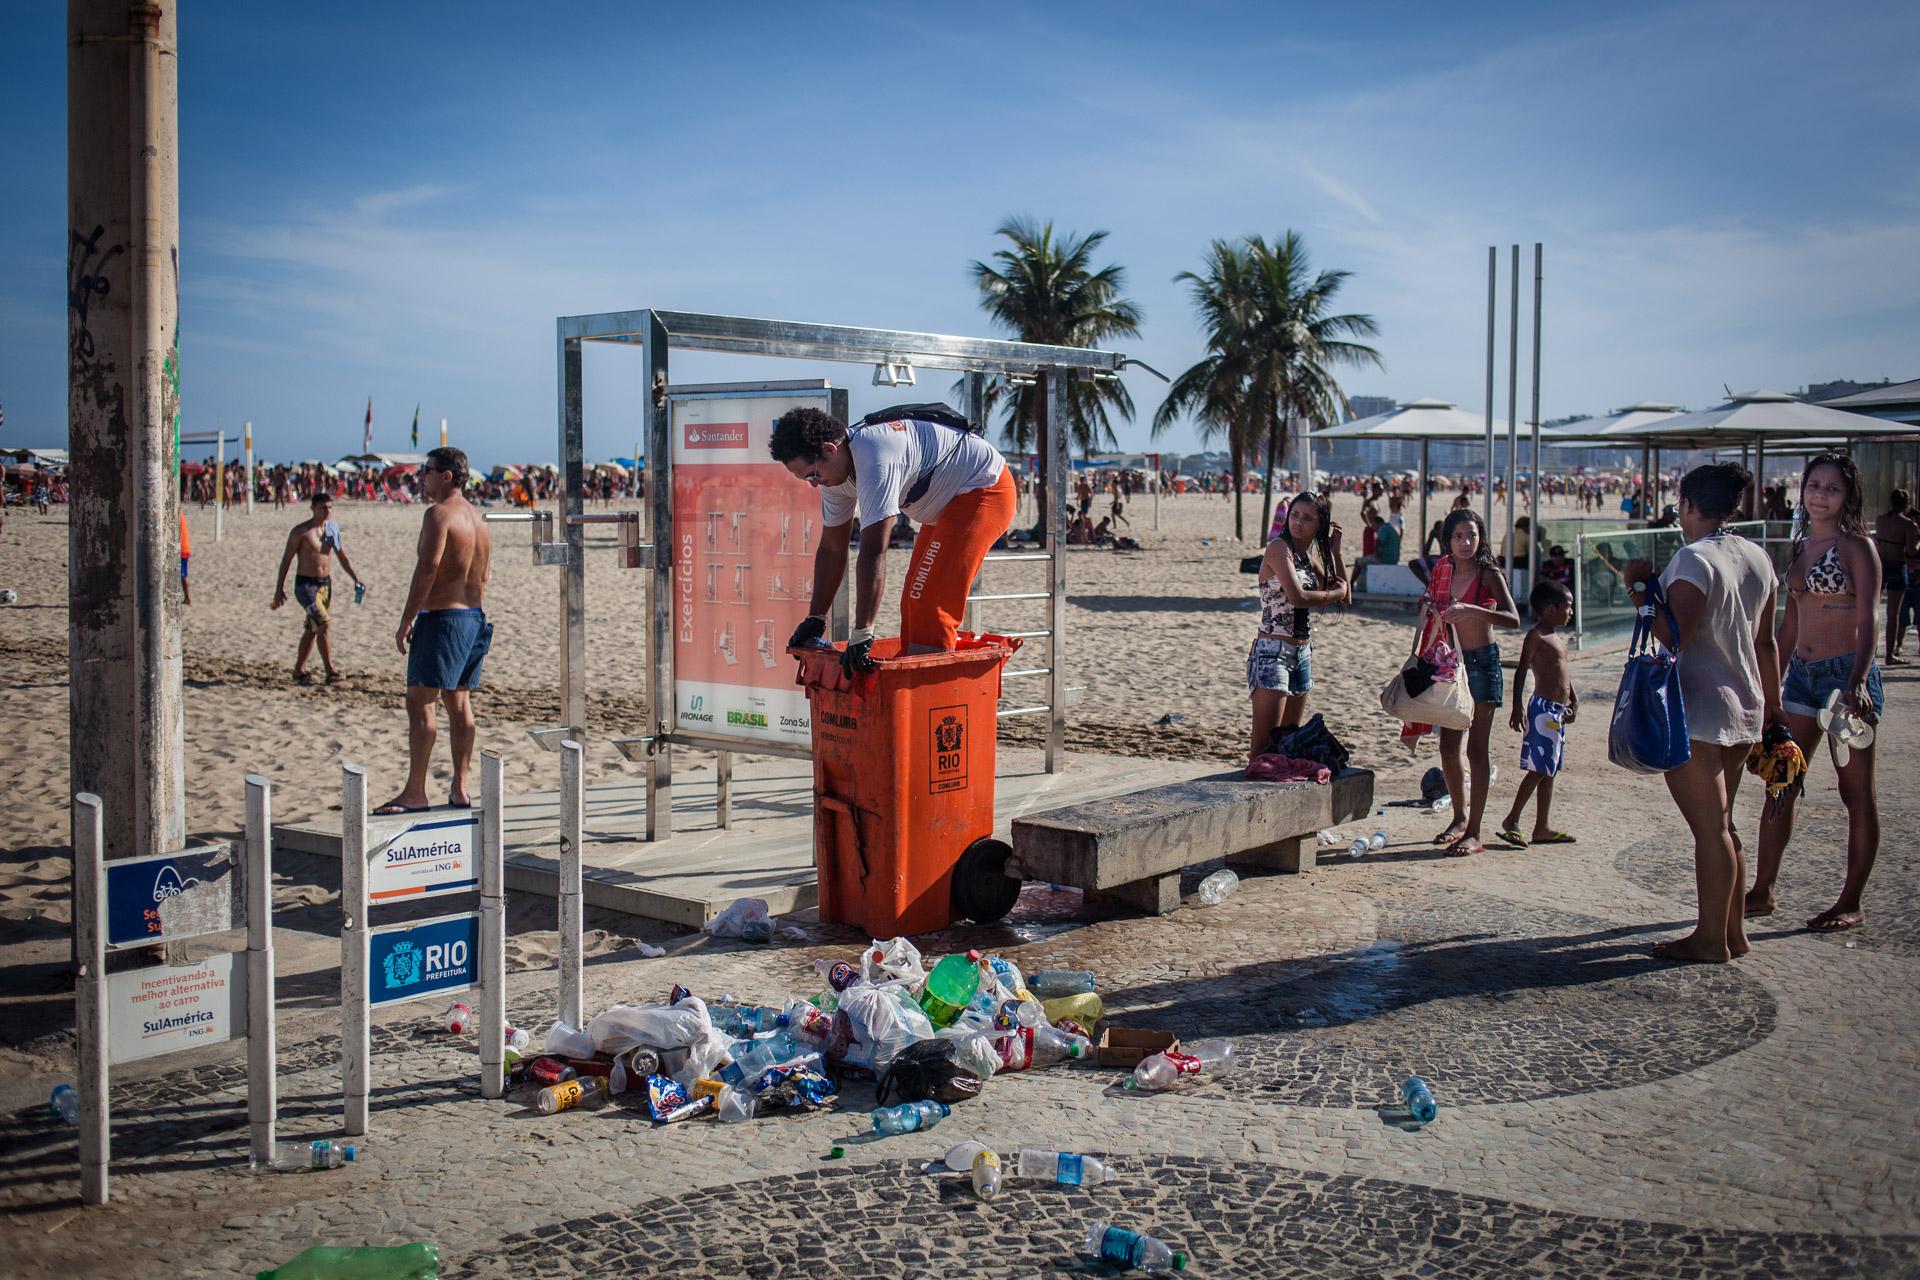 Rio de Janeiro, le 20 Novembre 2013. Plage de Copacabana.Rio de Janeiro, November 20, 2013. Copacabana beach.